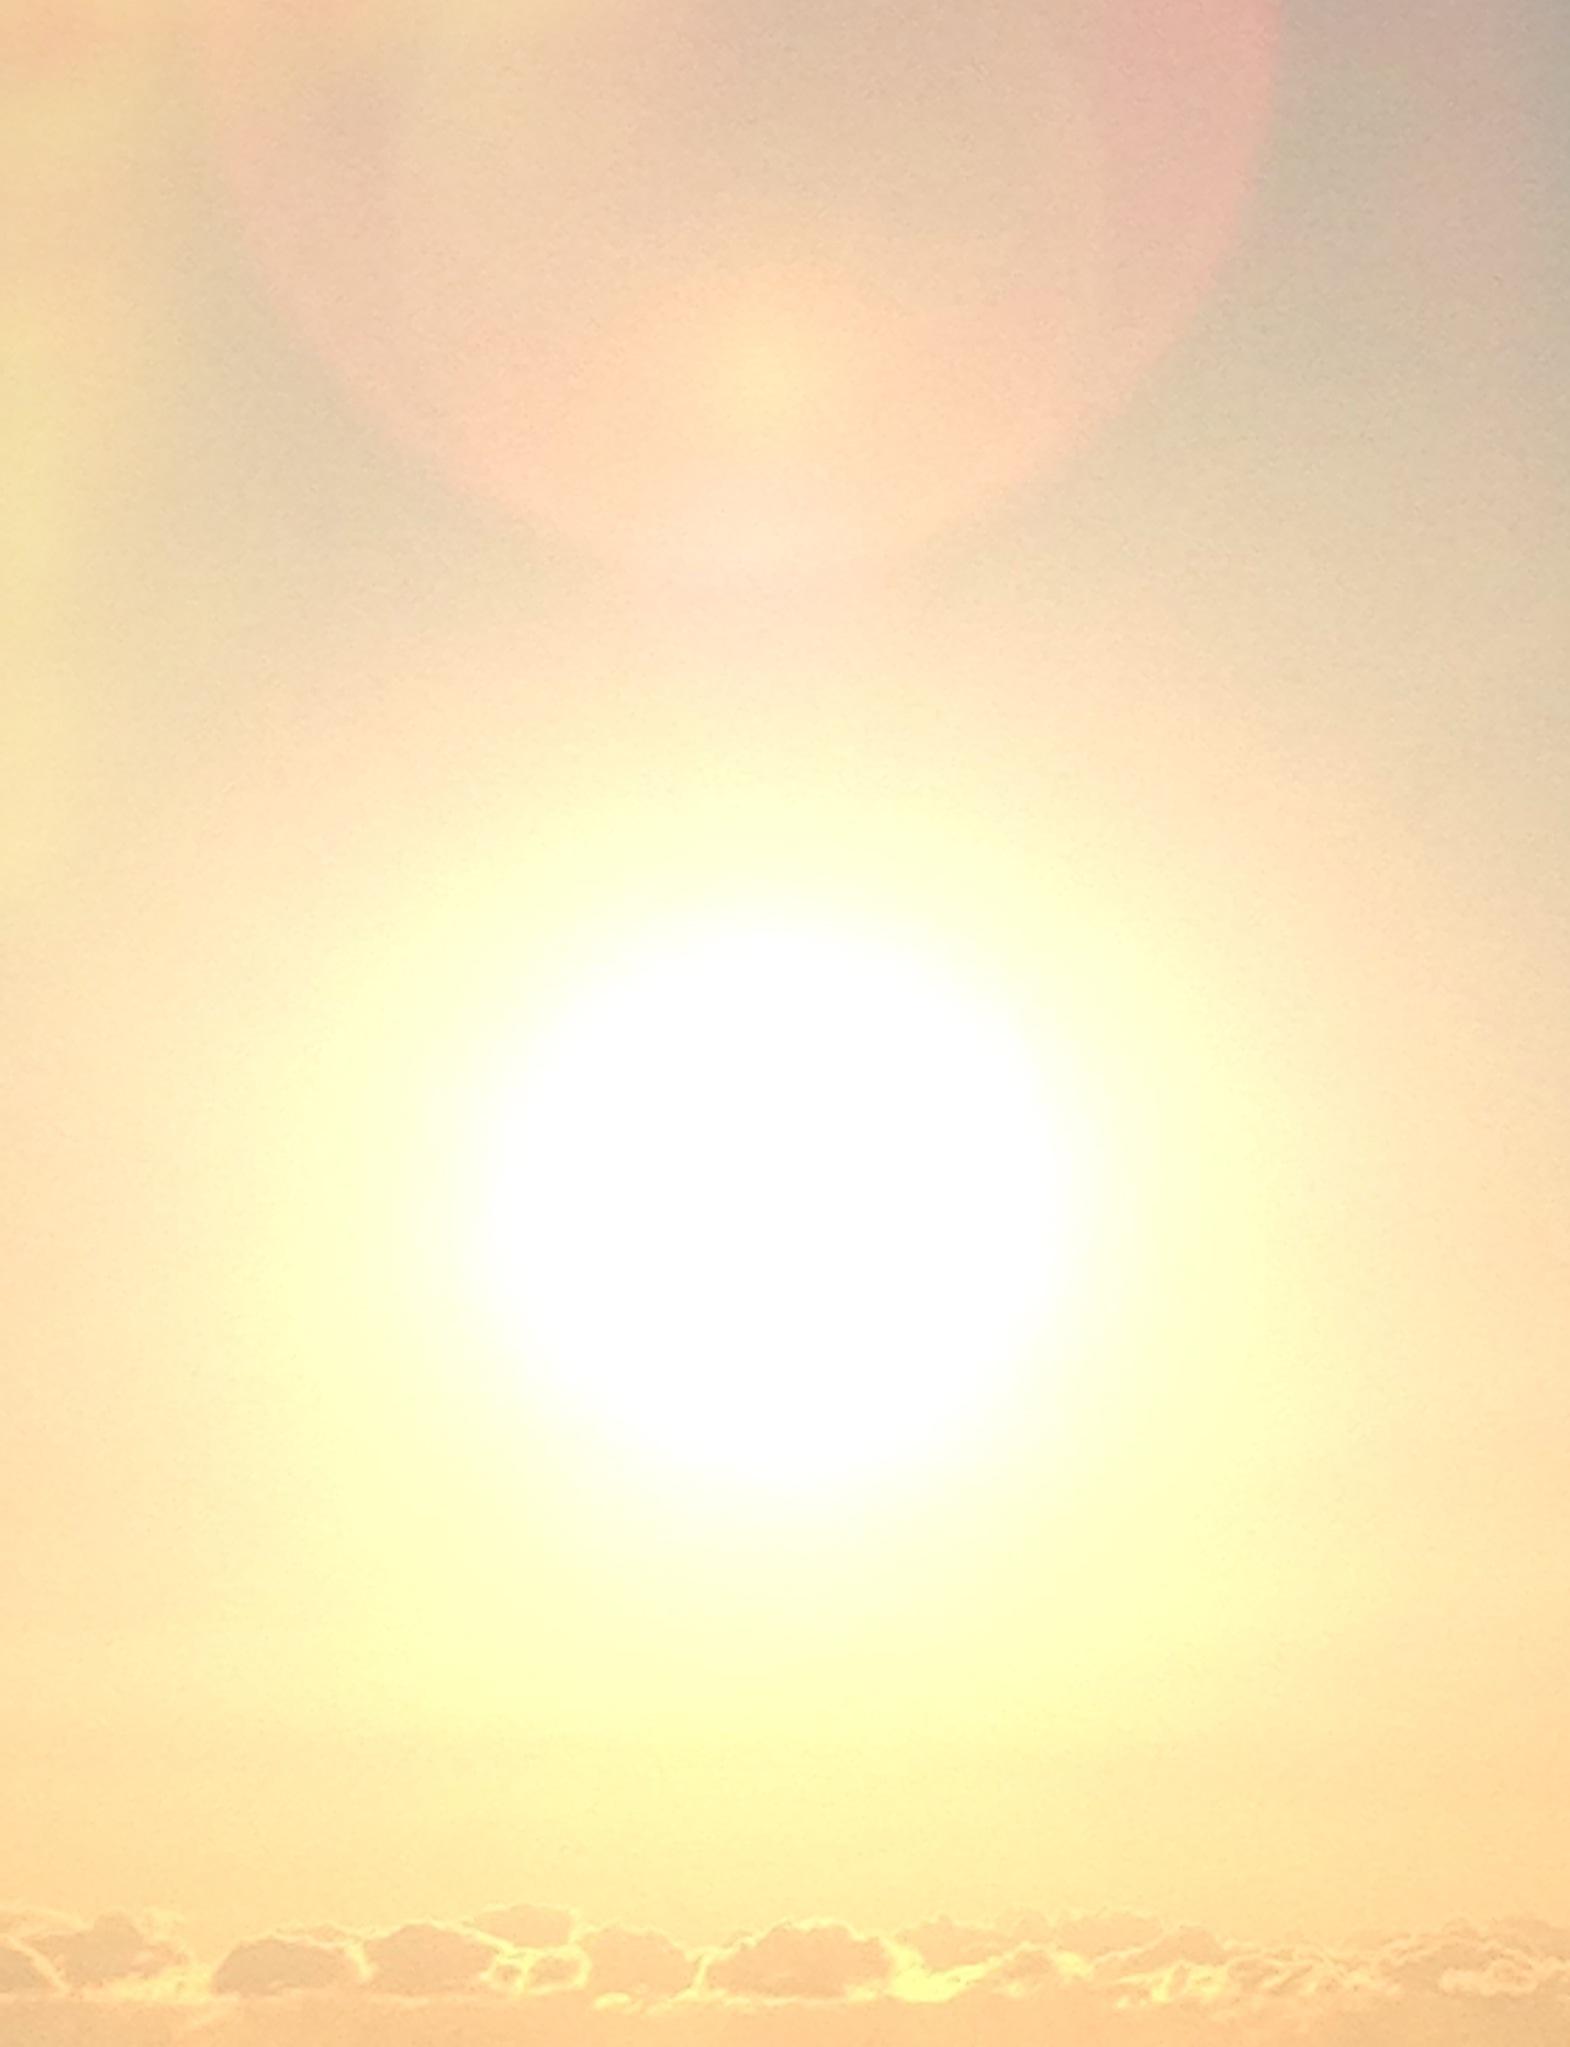 美しい光の朝模様でした♪